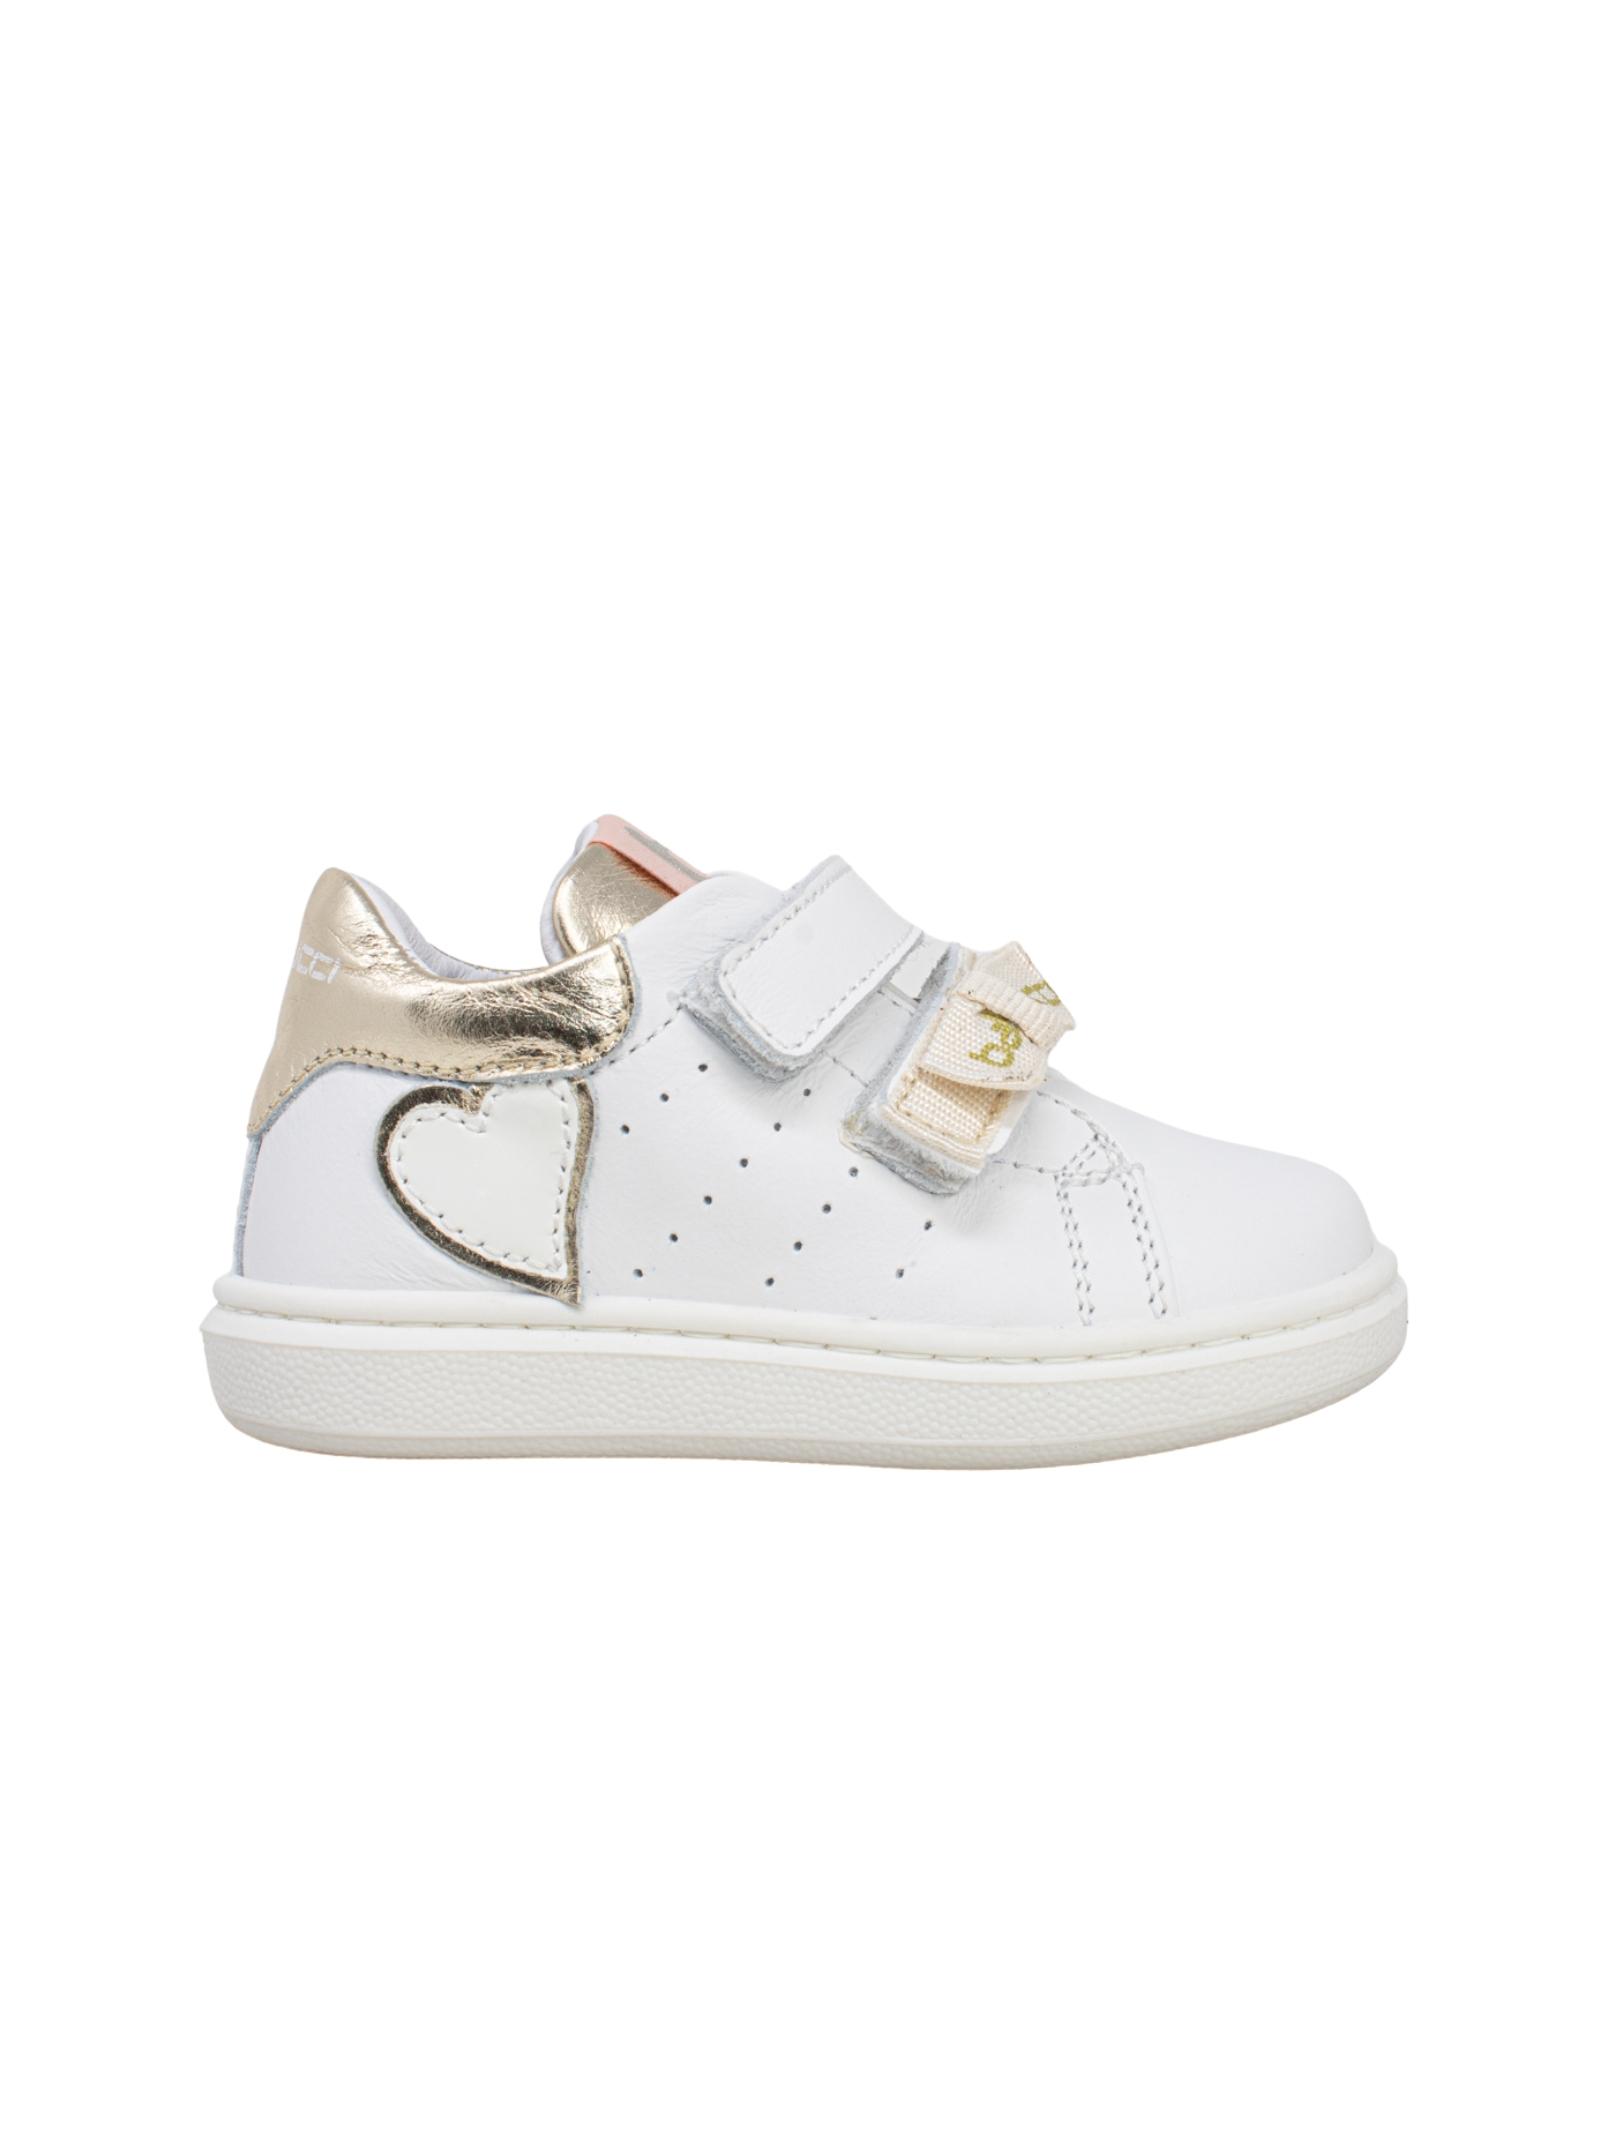 BALDUCCI | Sneakers | MSPO3603B13362